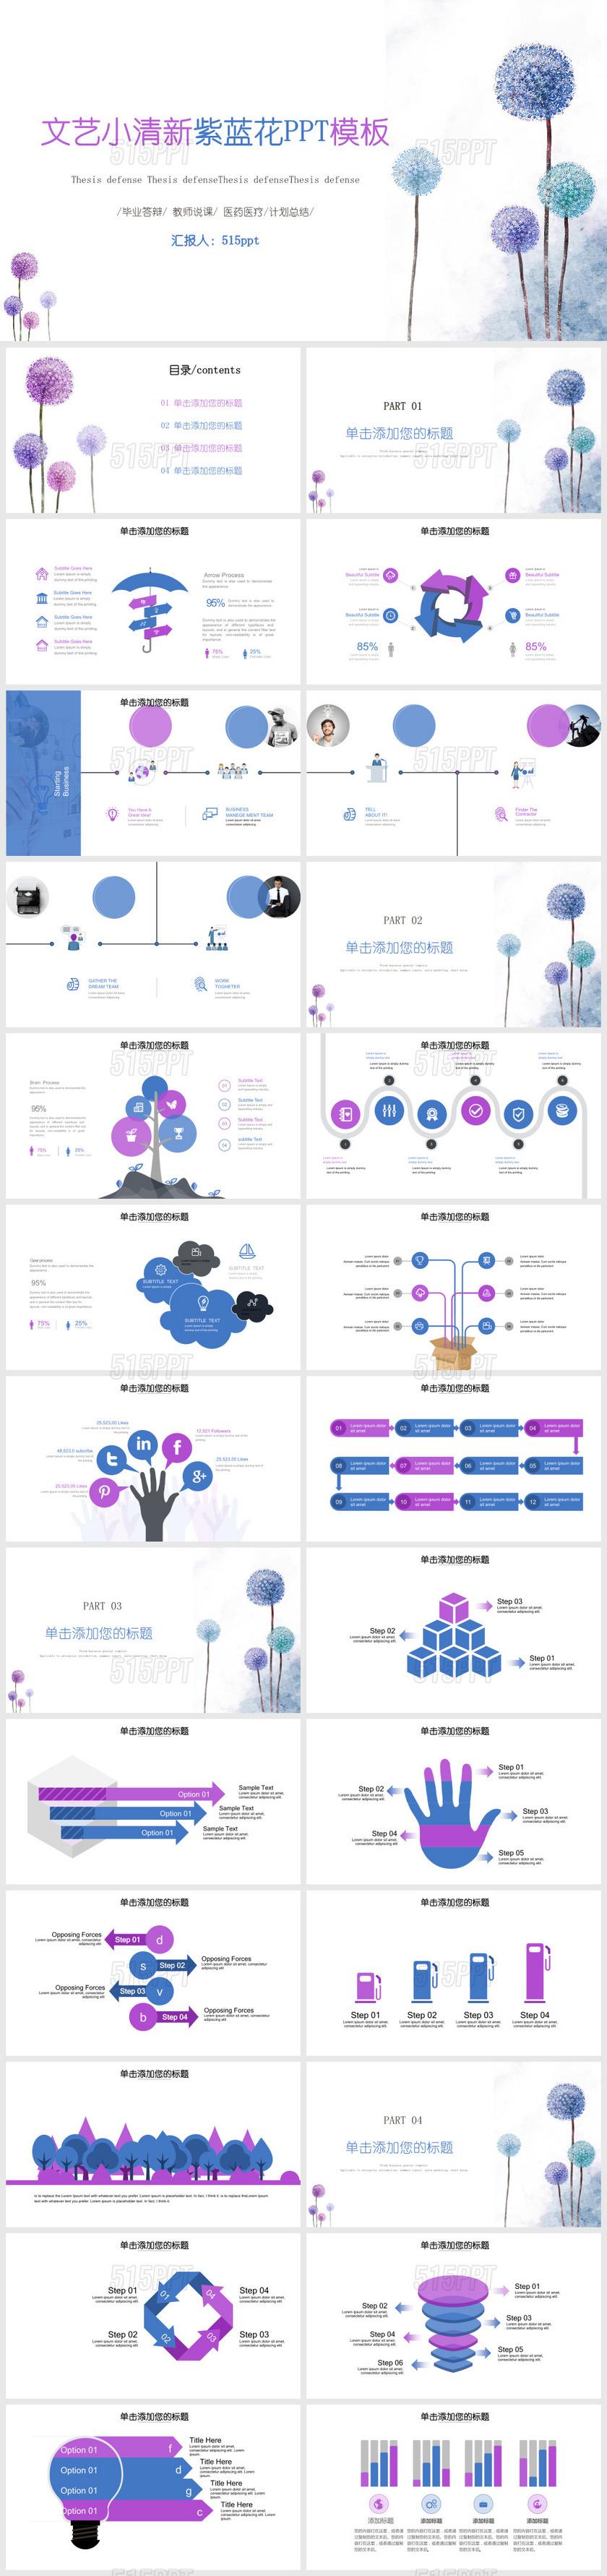 毕业答辩 教师说课 医药医疗计划总结文艺小清新紫蓝花PPT模板